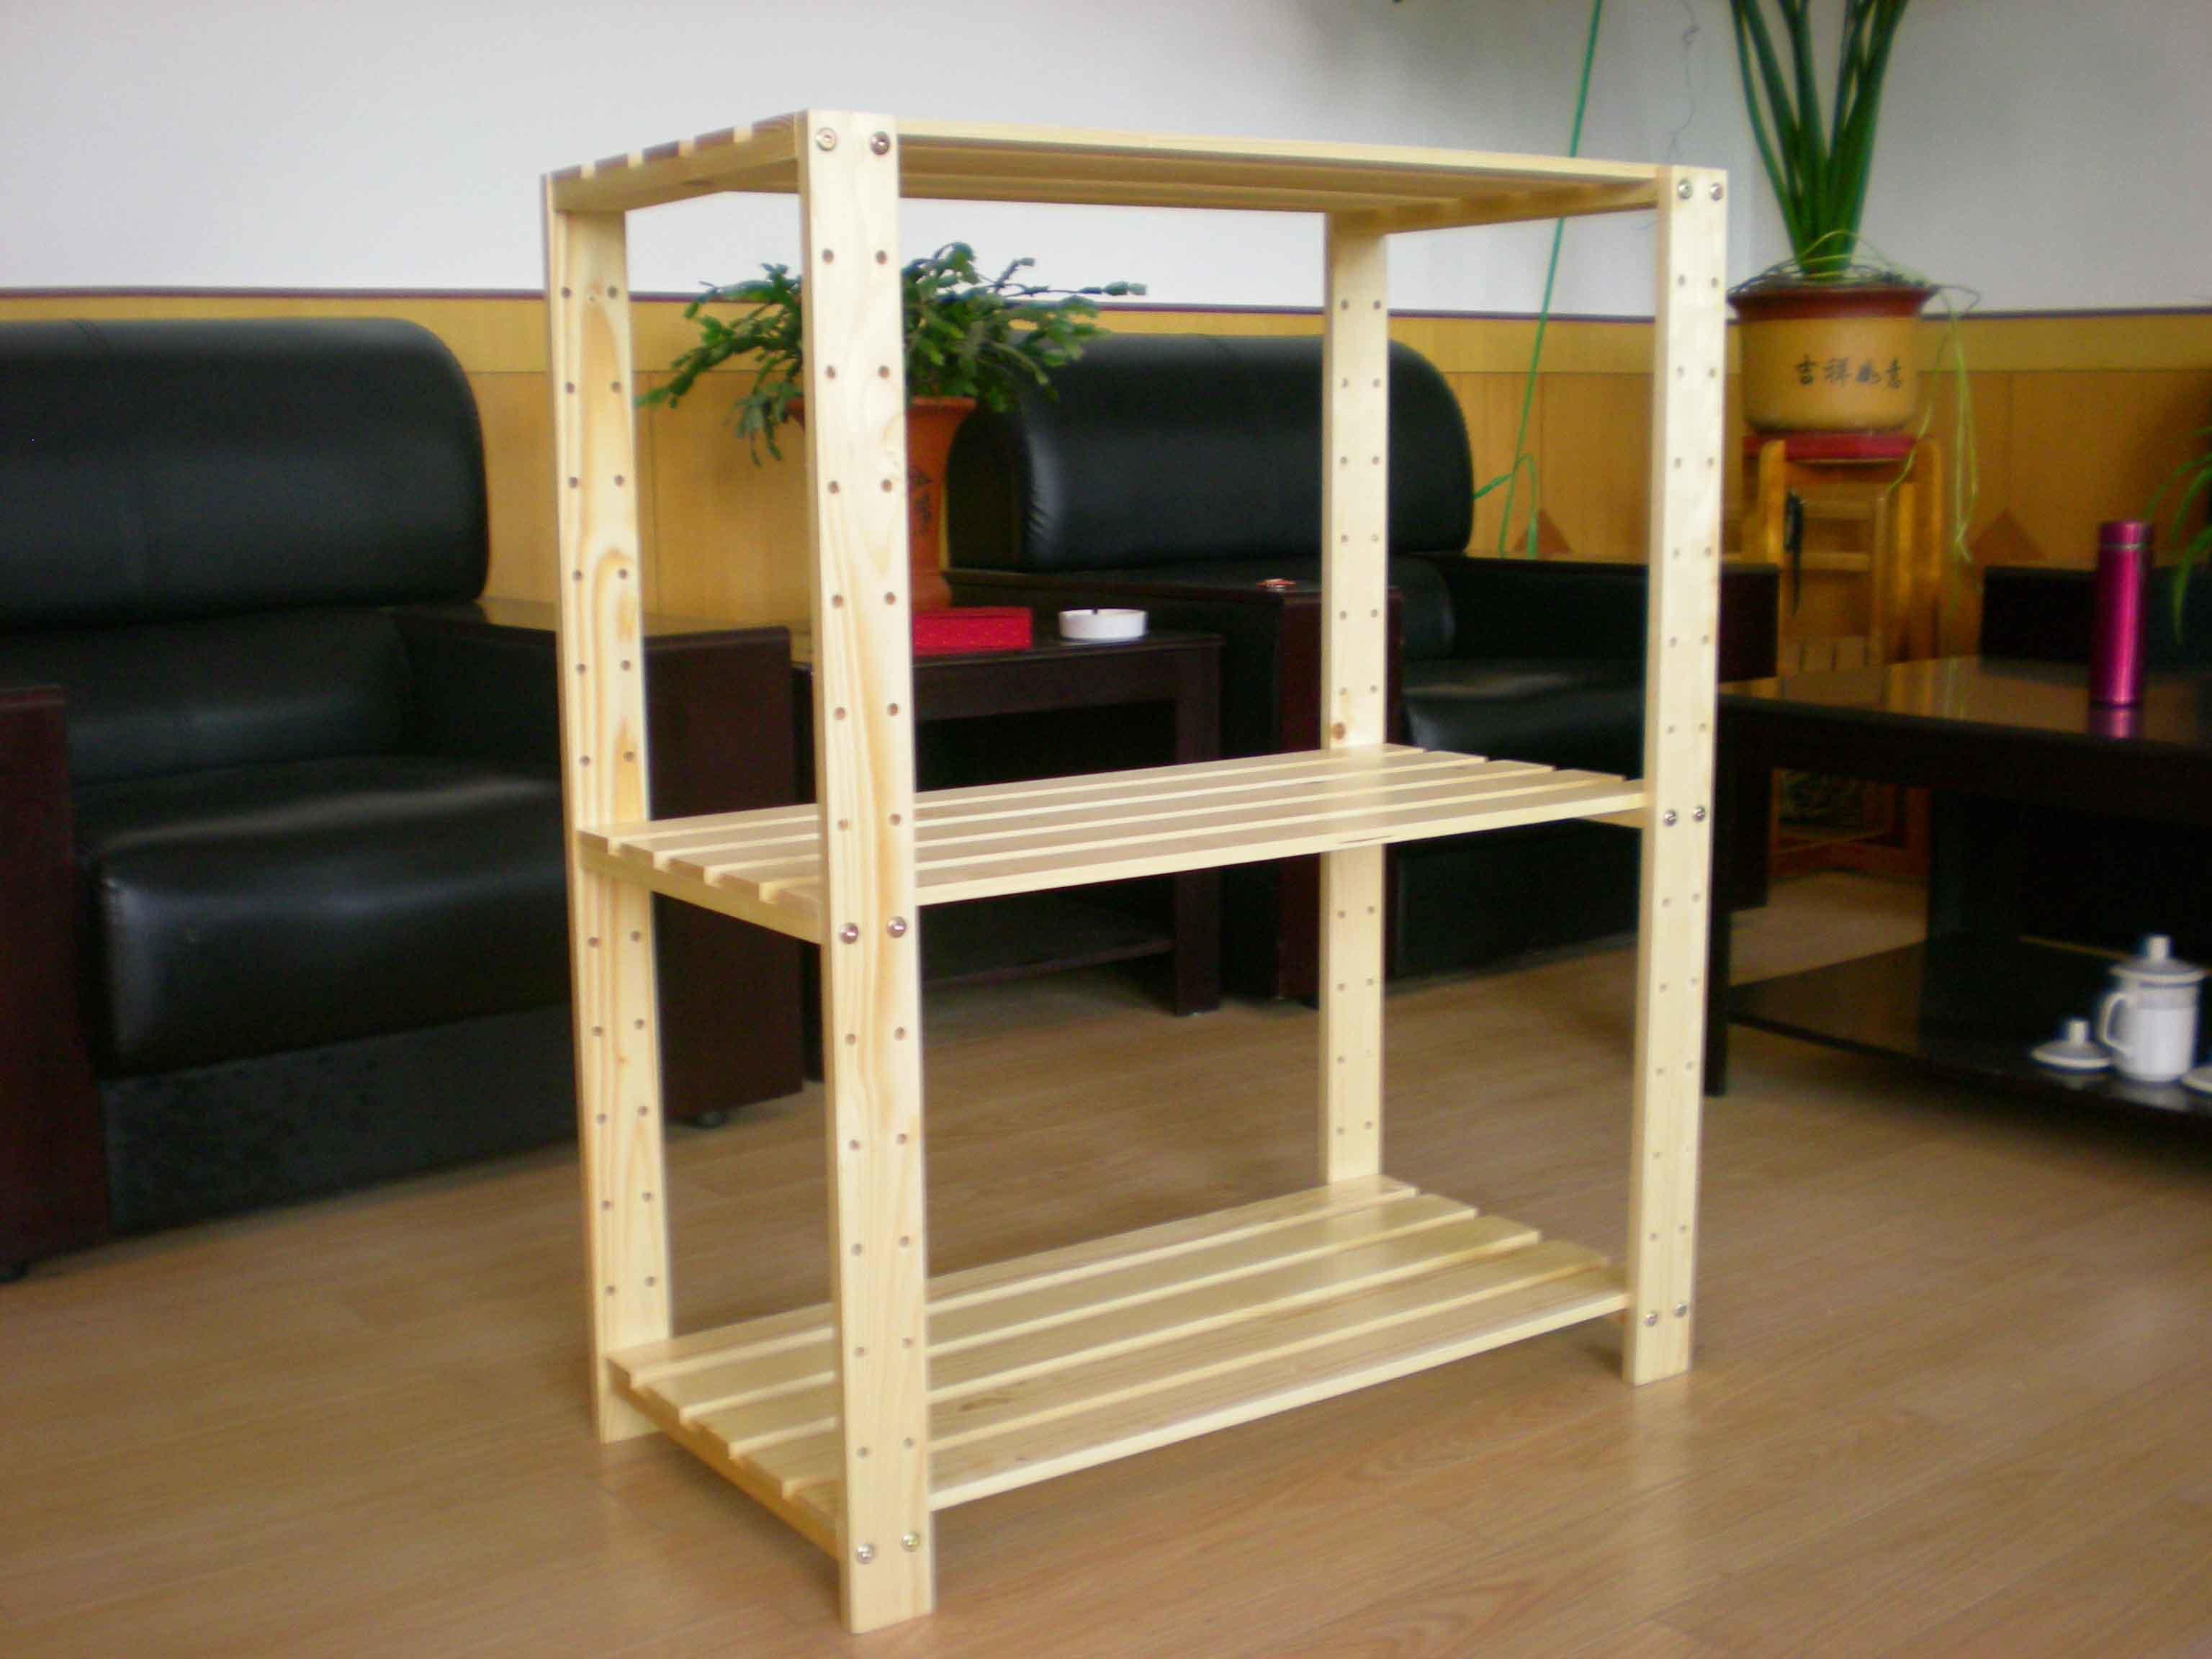 de madeira da prateleira dos bens –Prateleira forte da prateleira de  #6A431A 3072x2304